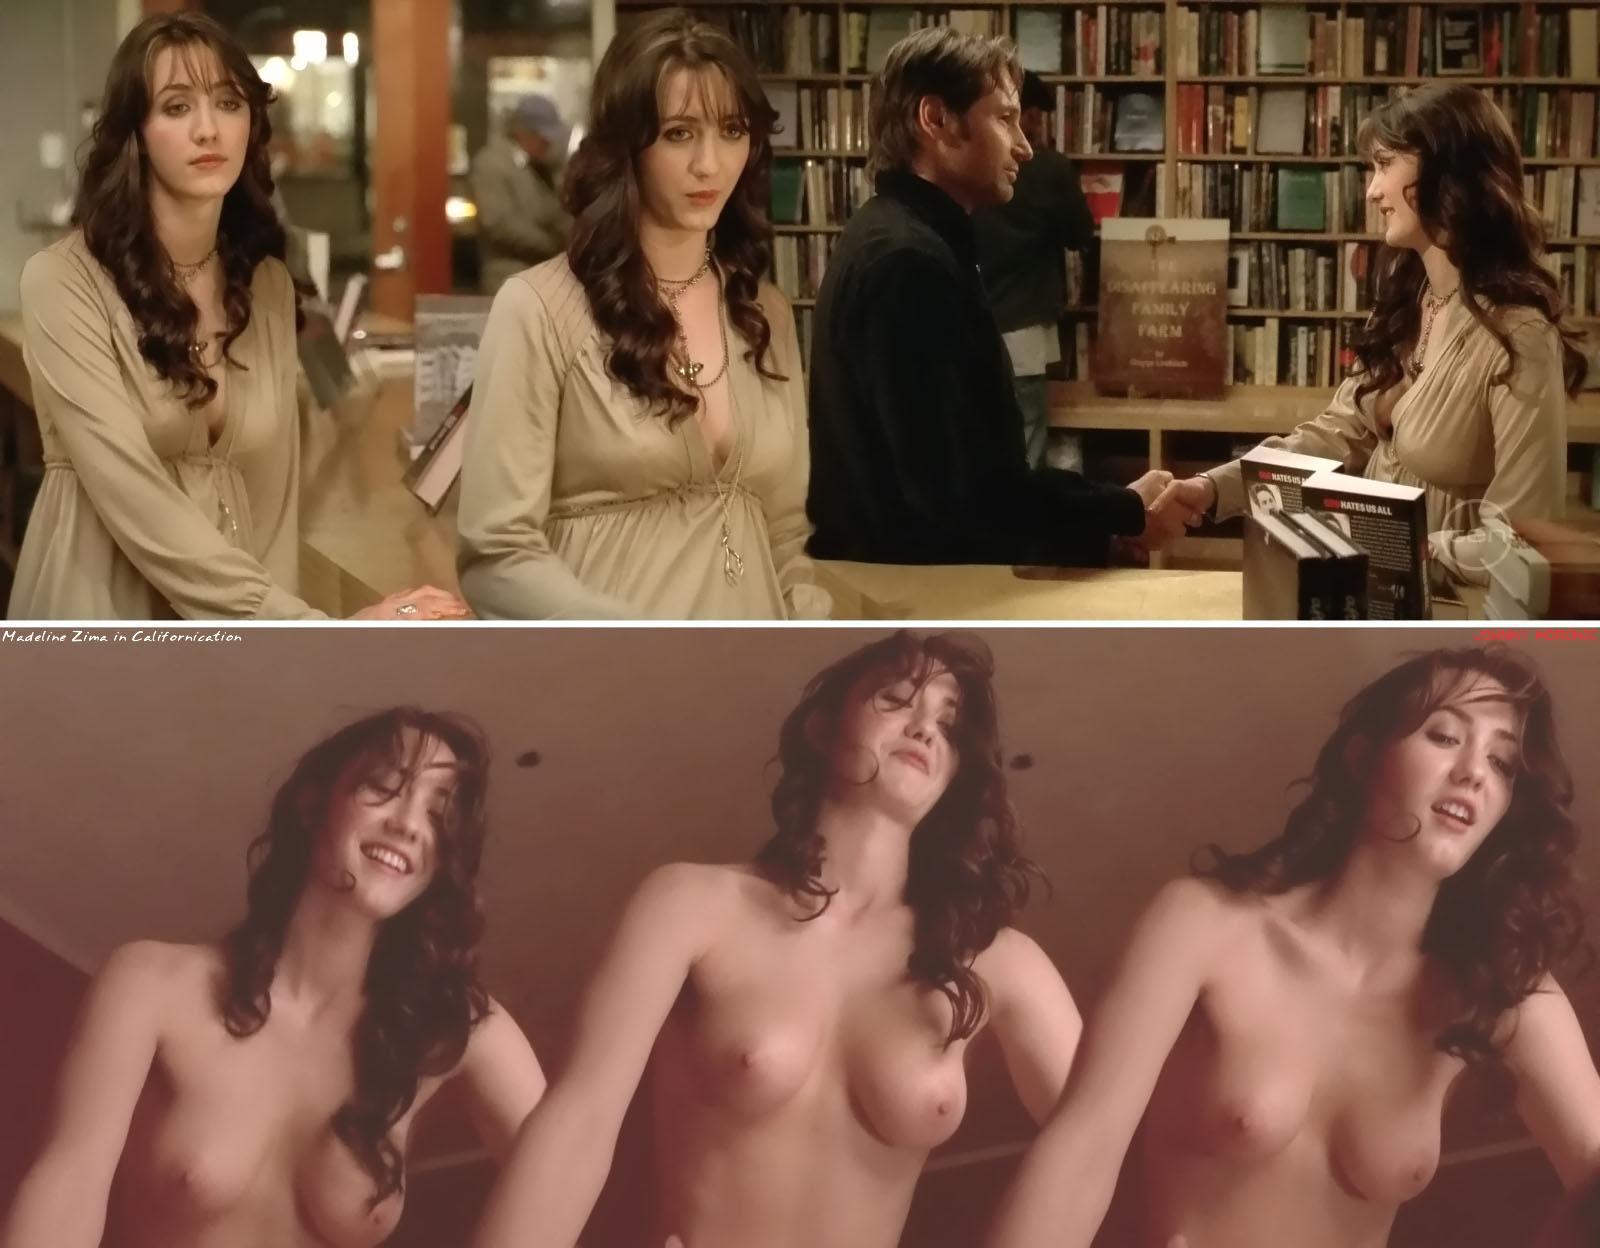 Madeline Zima sexo anal